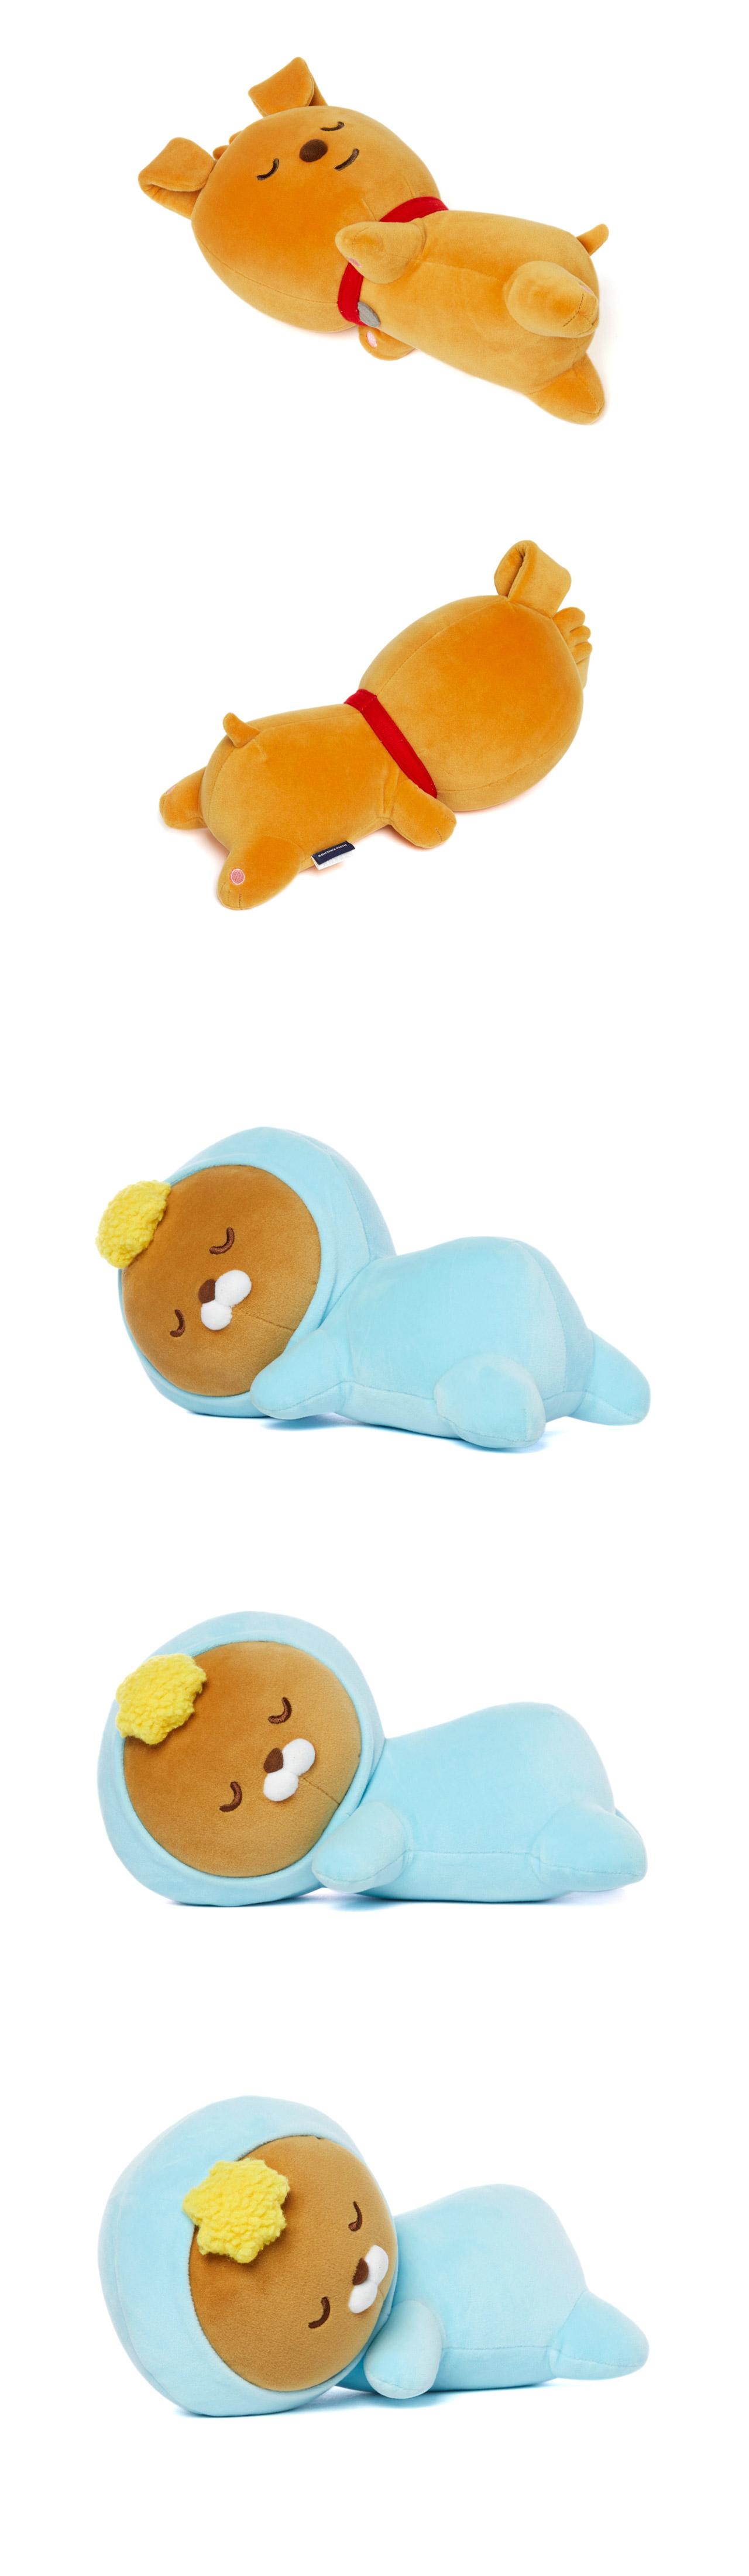 Kakao Friends Sweet Baby Pillow